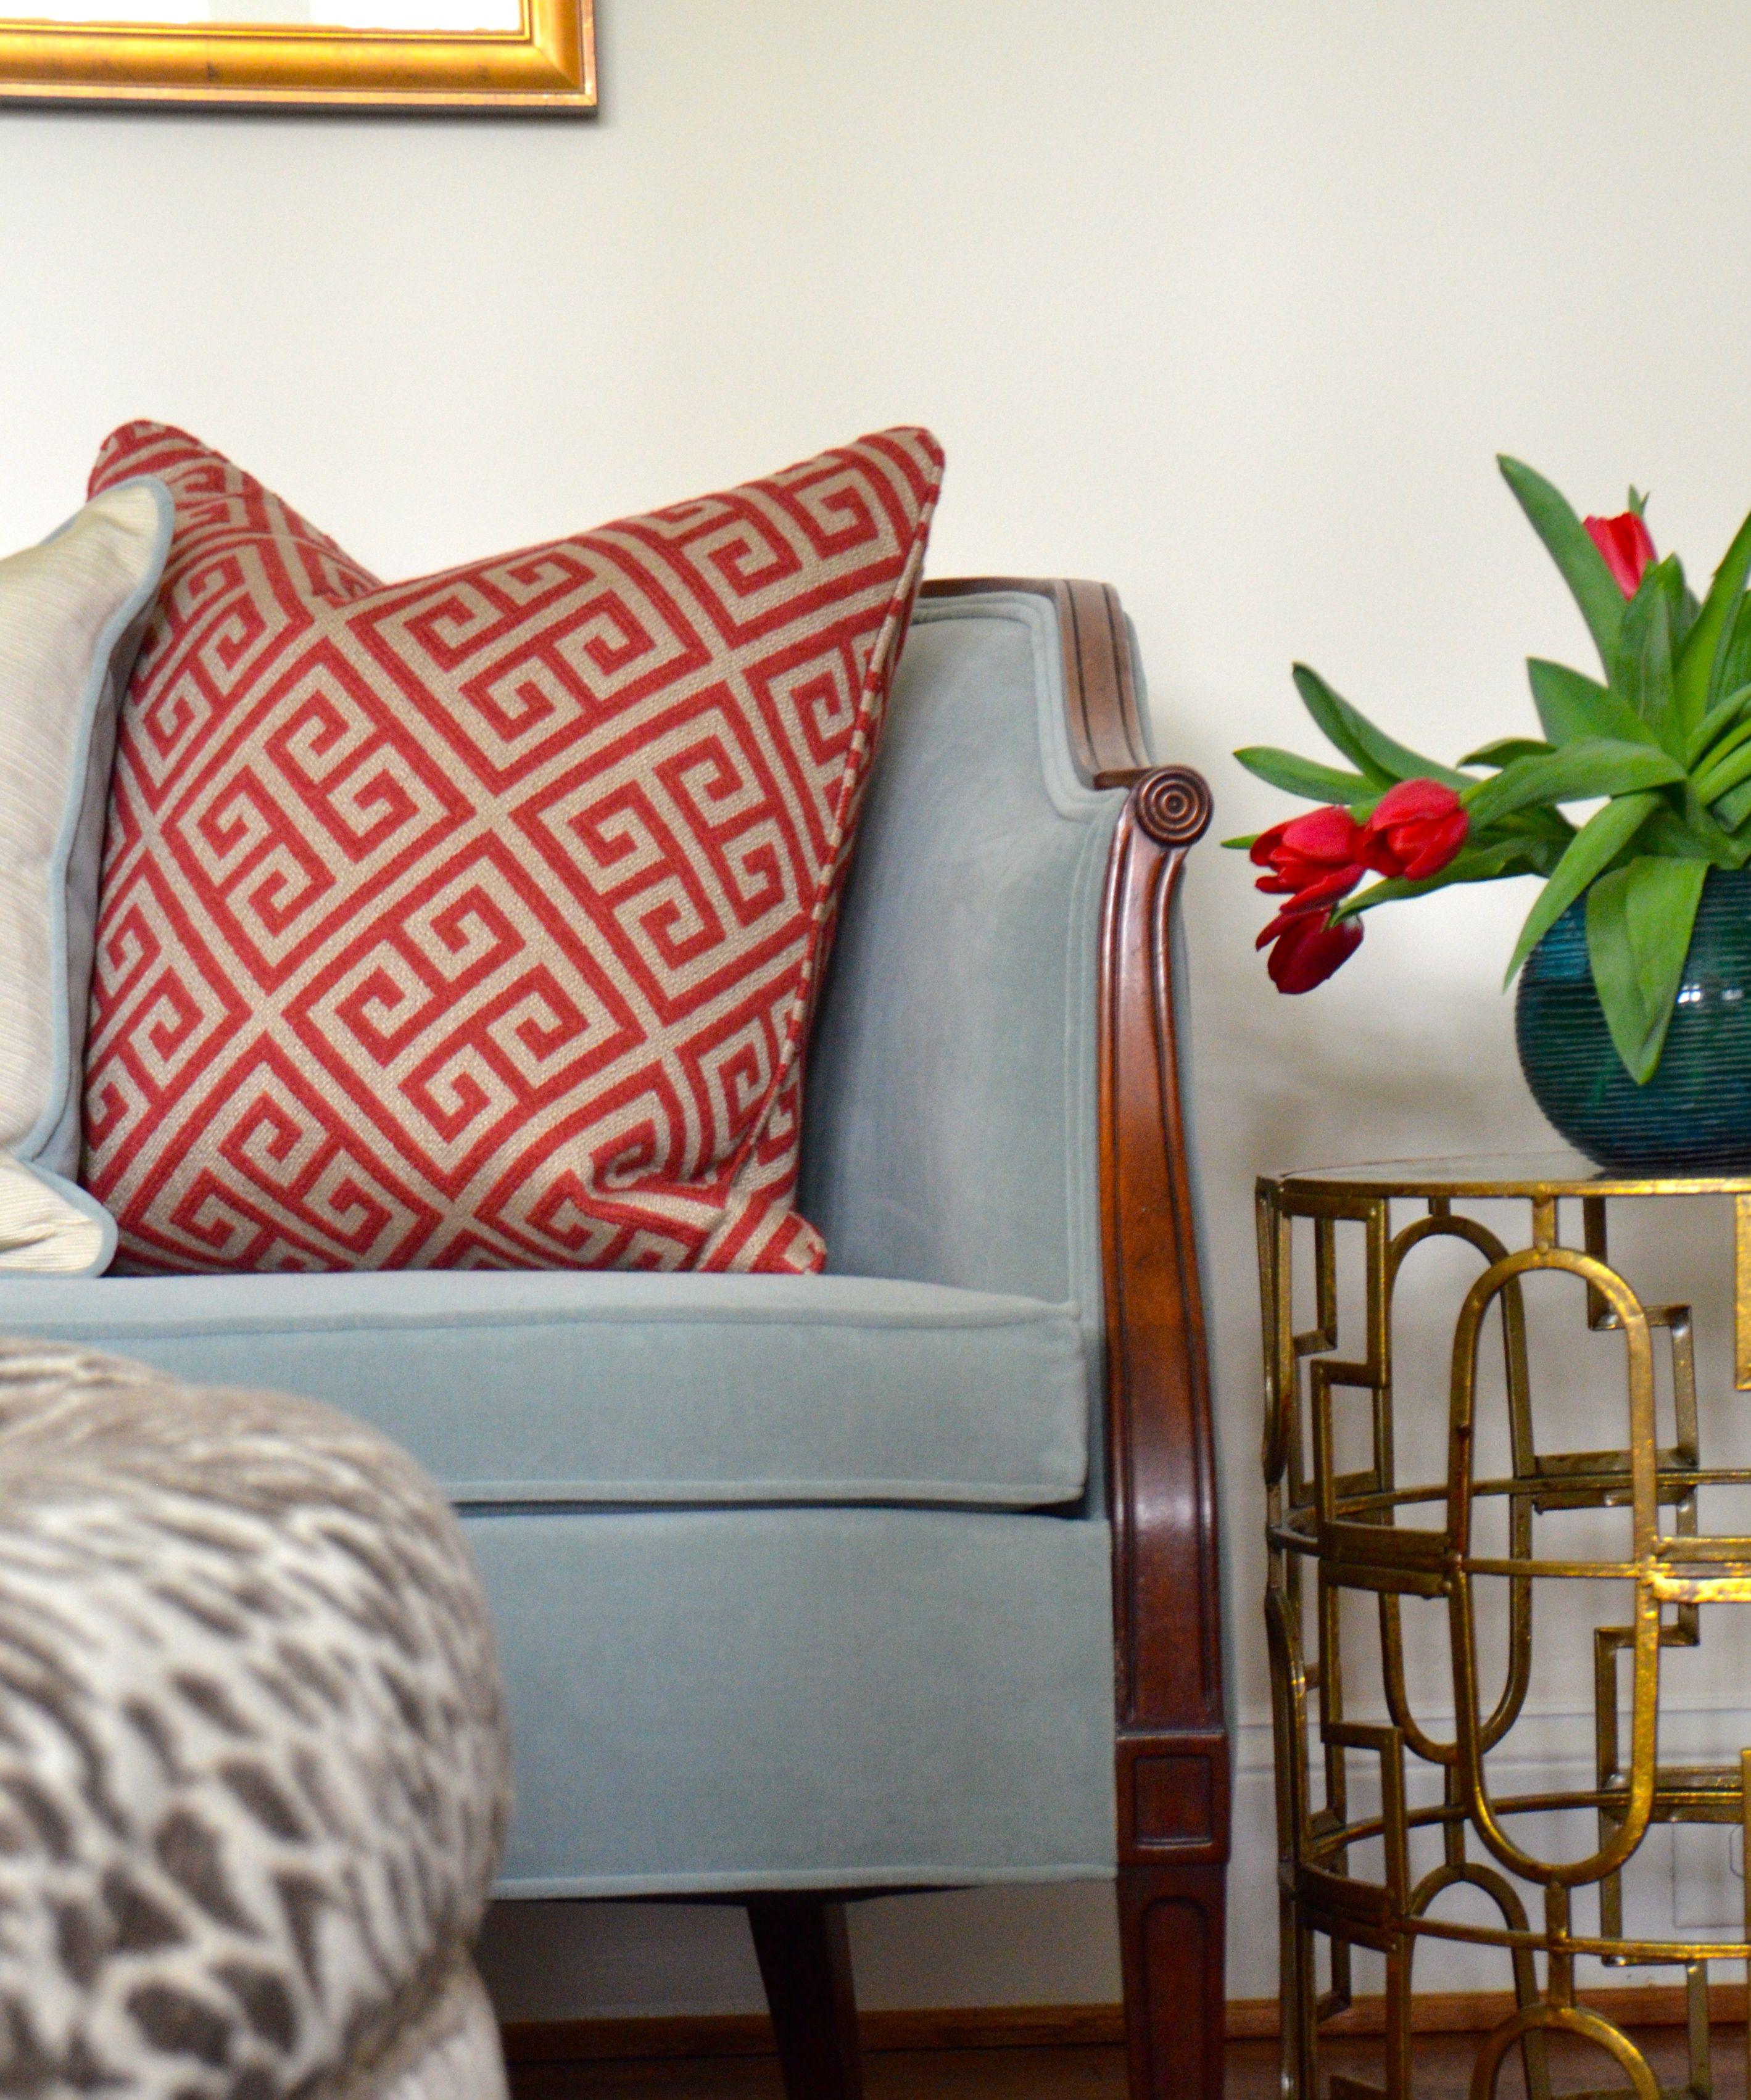 London Greek Key Wallpaper Pewter in 2020 Home decor